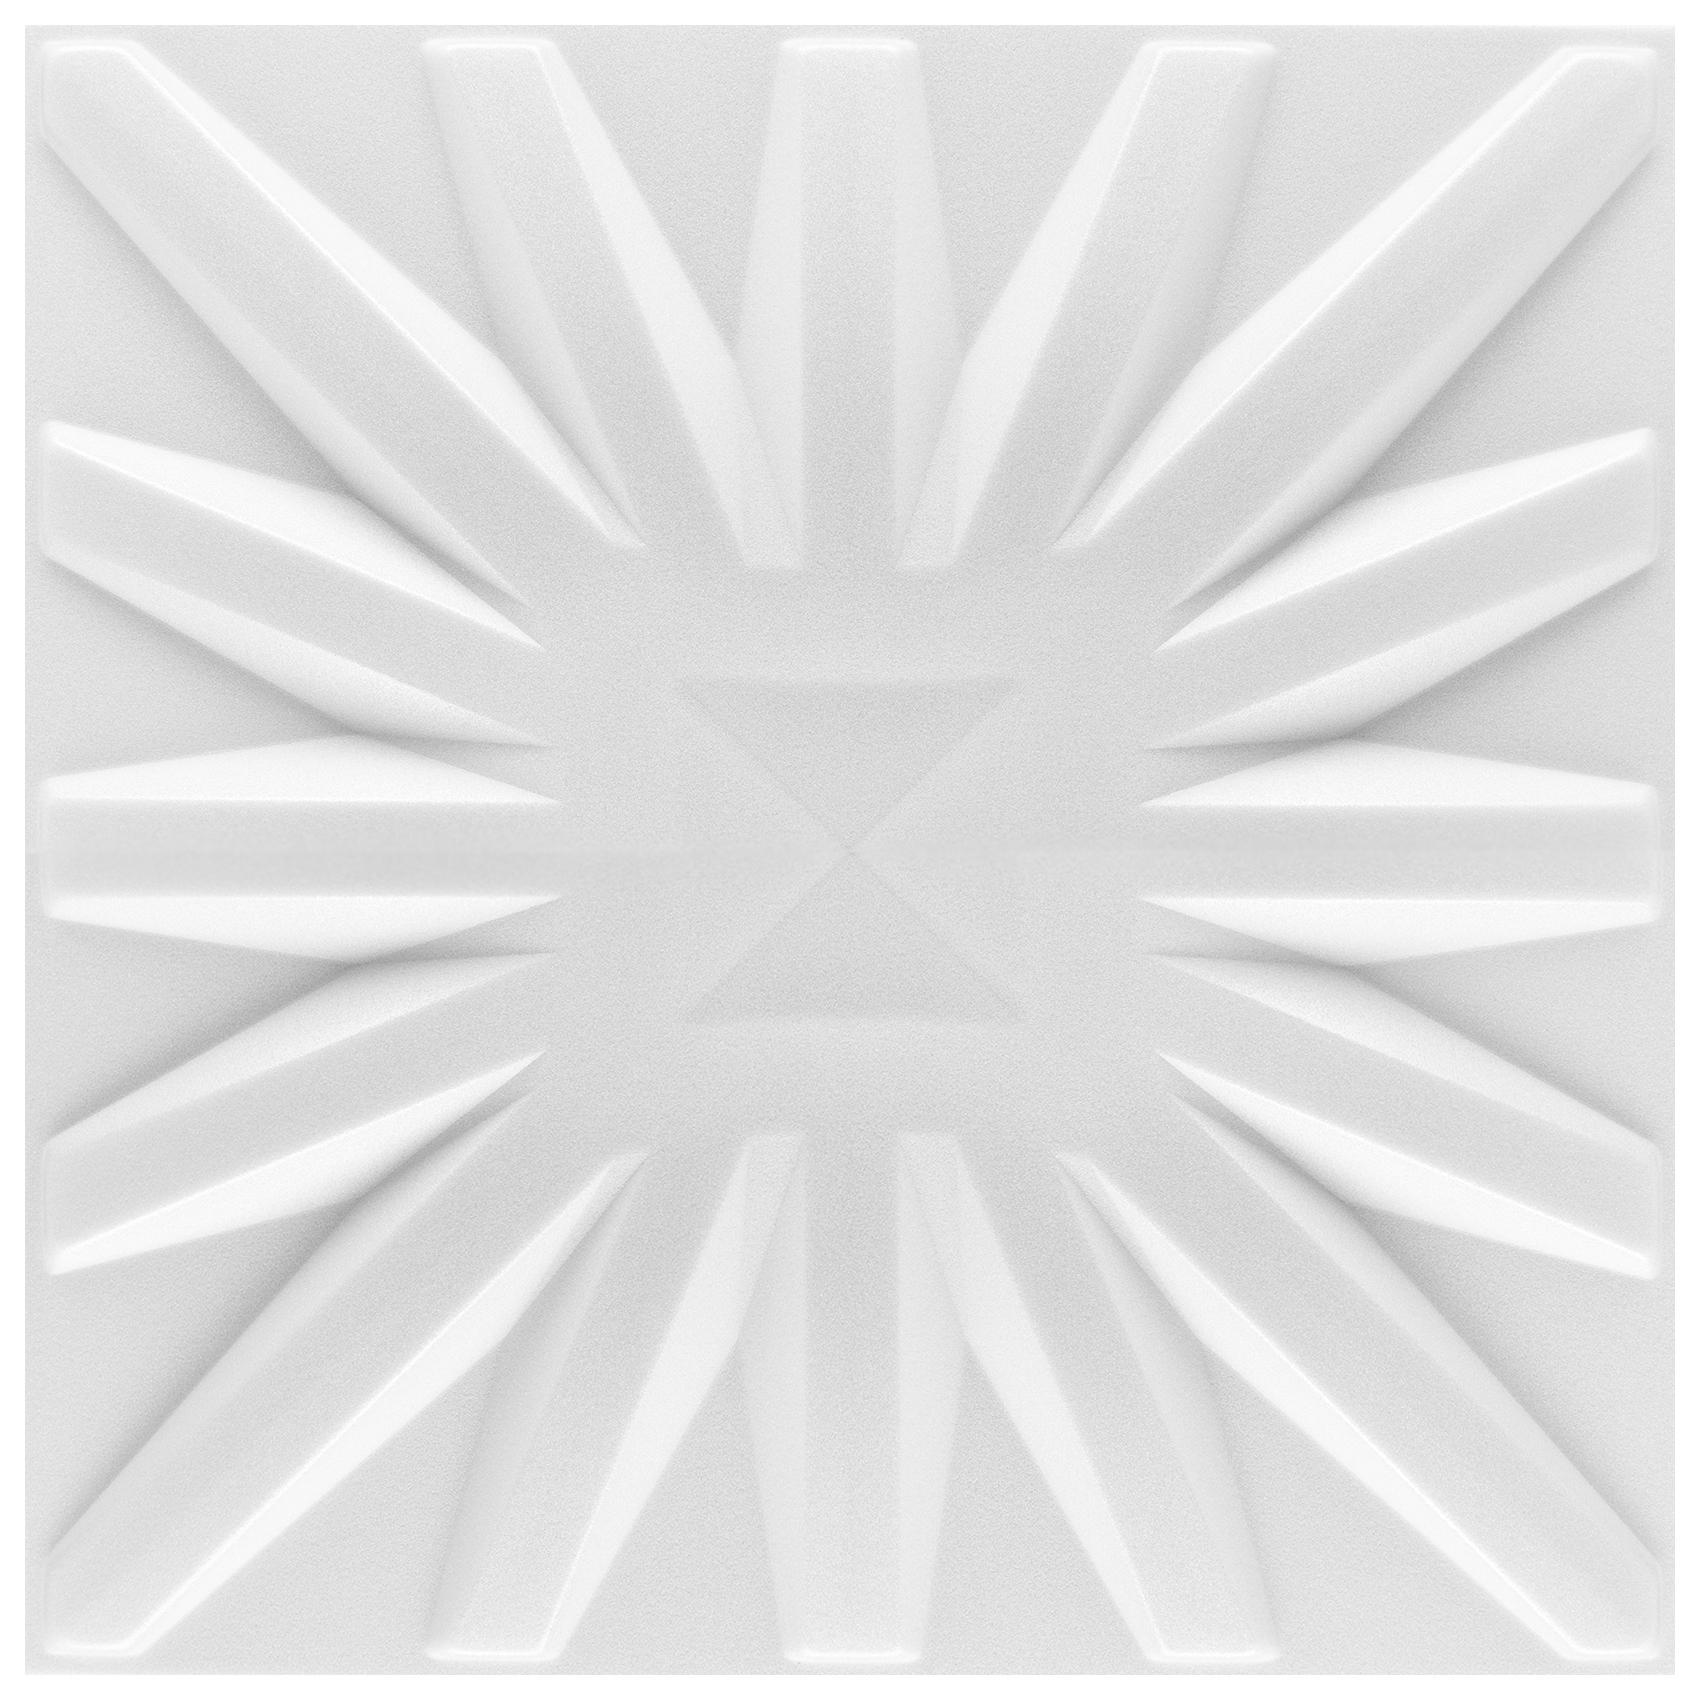 3D Paneele 50x50cm weiß - XPS Styropor, leicht & wärmedämmend, Decken- / Wandpaneele viele Designs